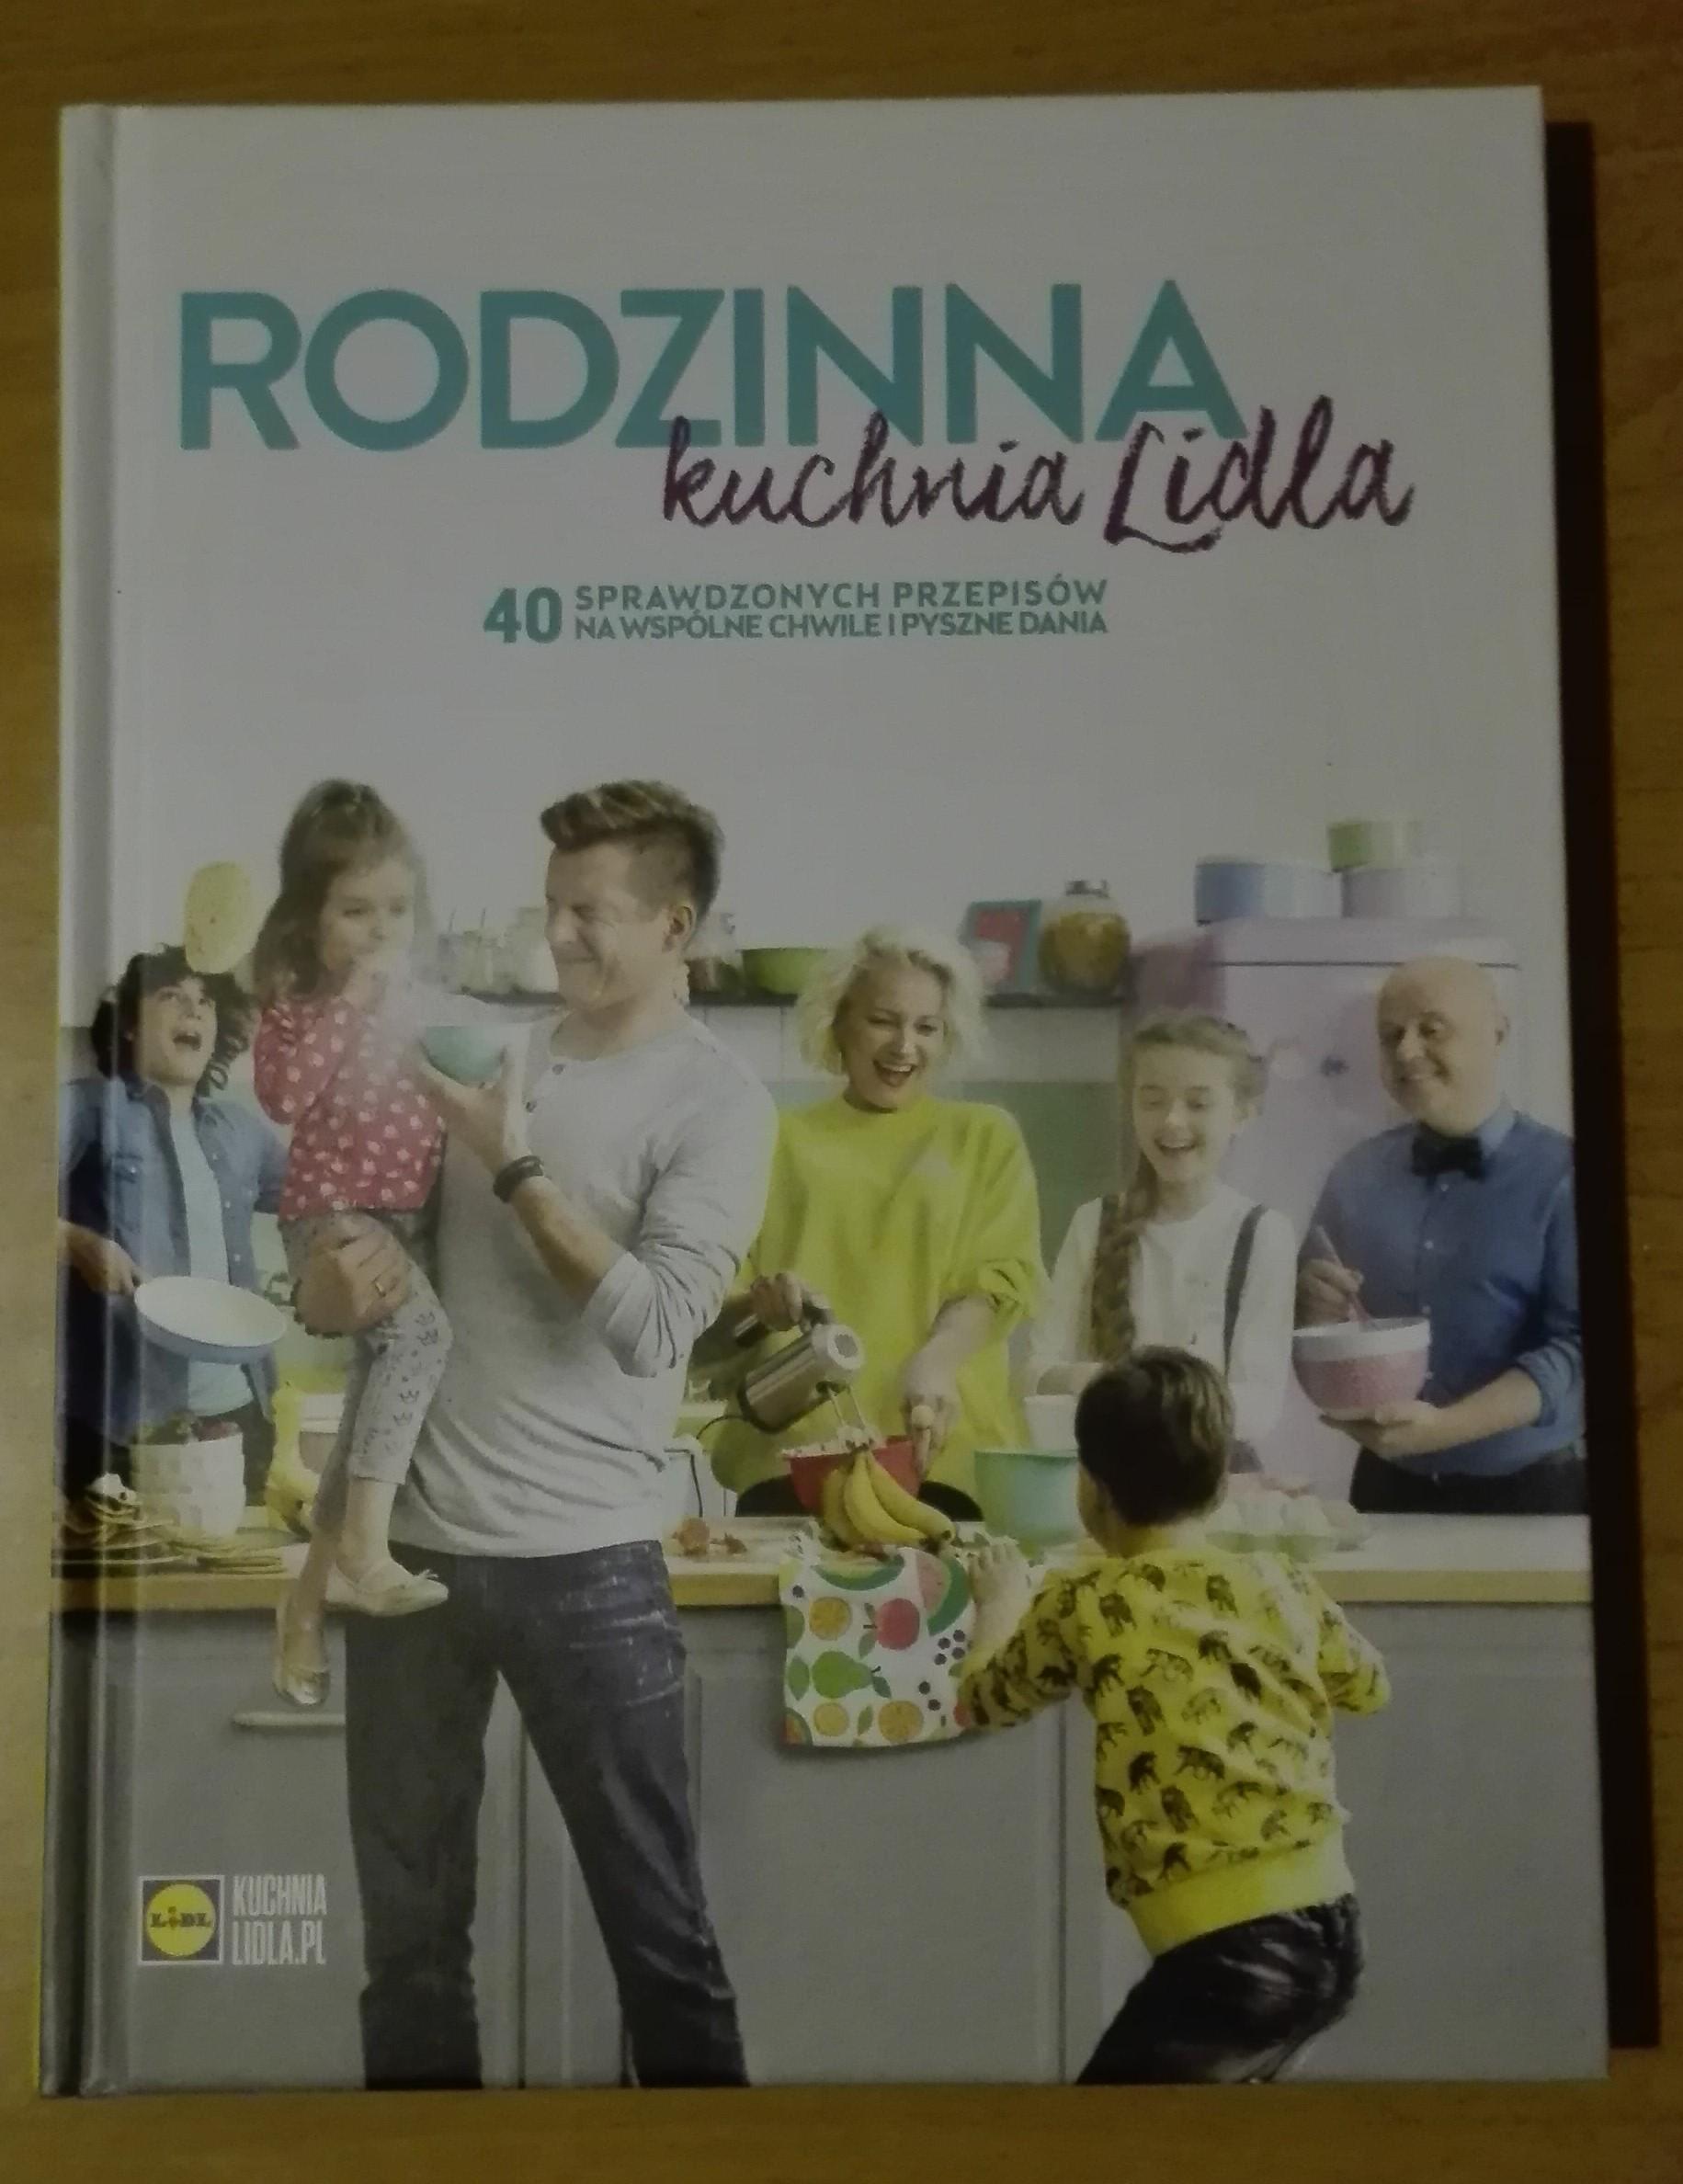 Okrasa Rodzinna Kuchnia Lidla 40 Przepisów 7133336442